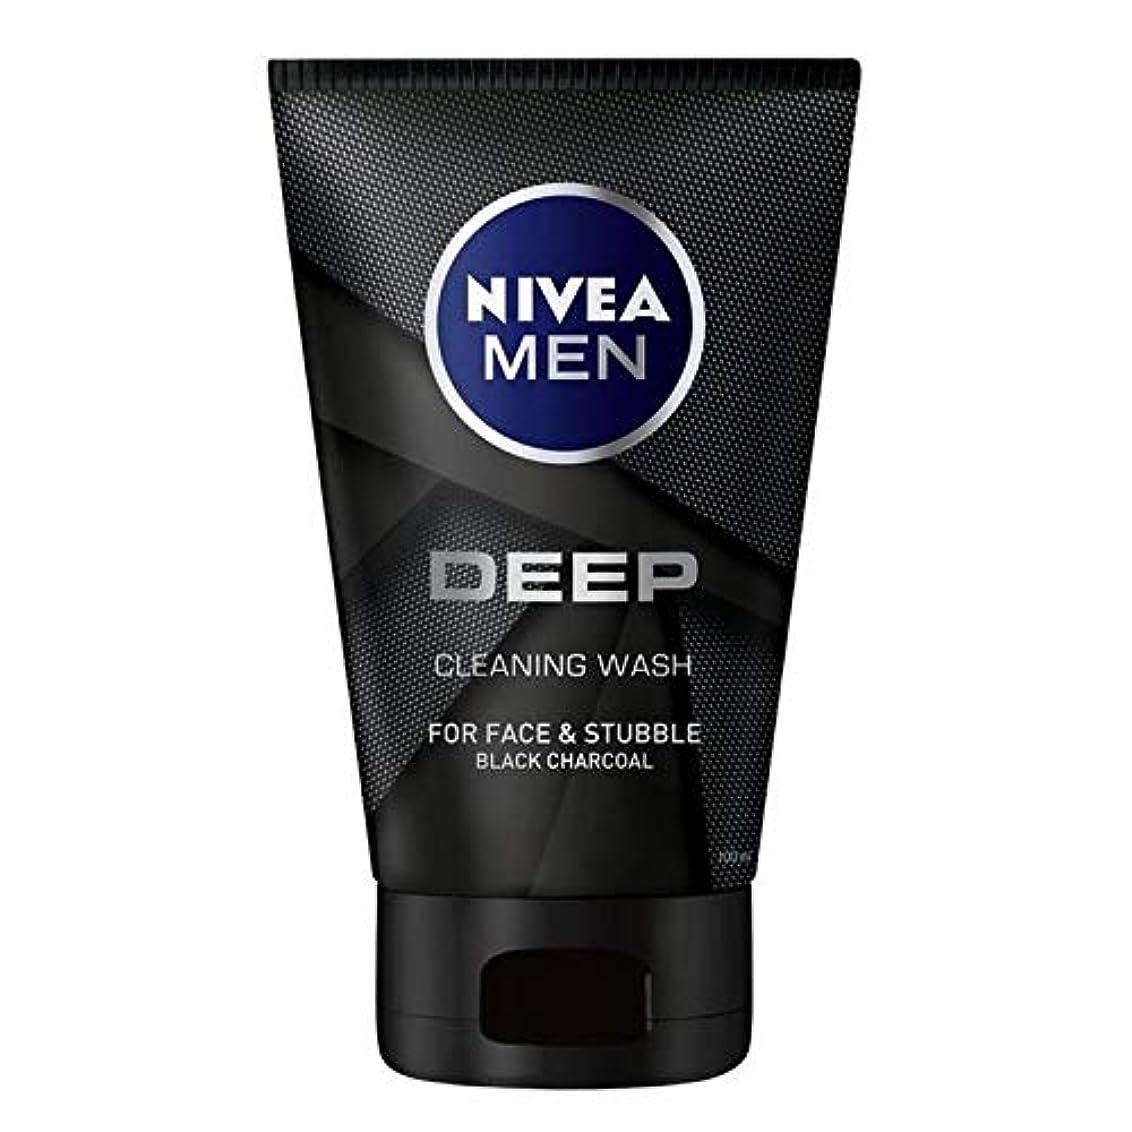 [Nivea ] ニベア男性深い木炭フェイスウォッシュ100ミリリットル - NIVEA MEN Deep Charcoal Face Wash 100ml [並行輸入品]